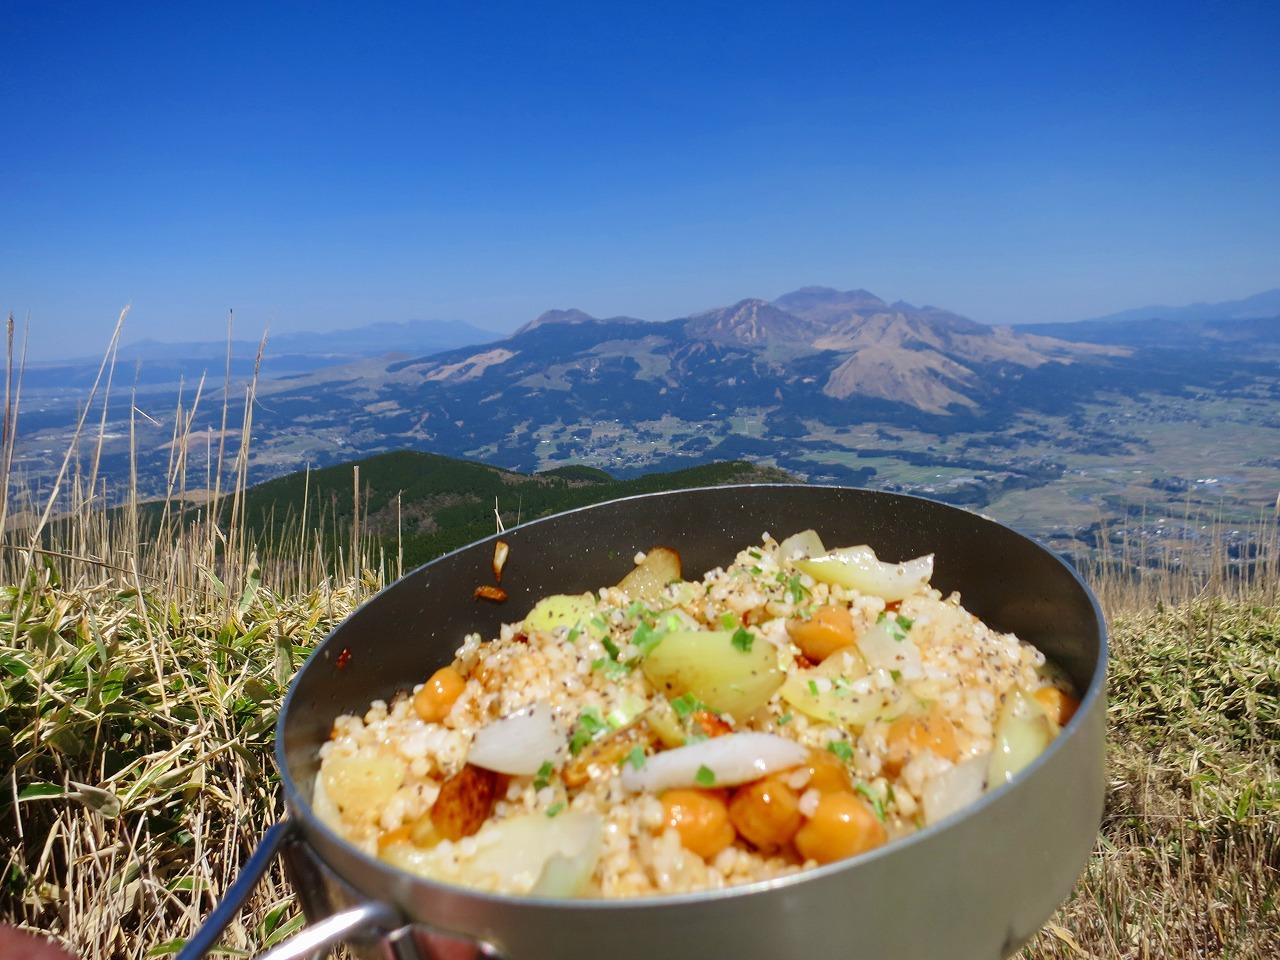 阿蘇外輪山 地蔵峠、俵山、冠ヶ岳で焼き飯&コーヒーなのだ!